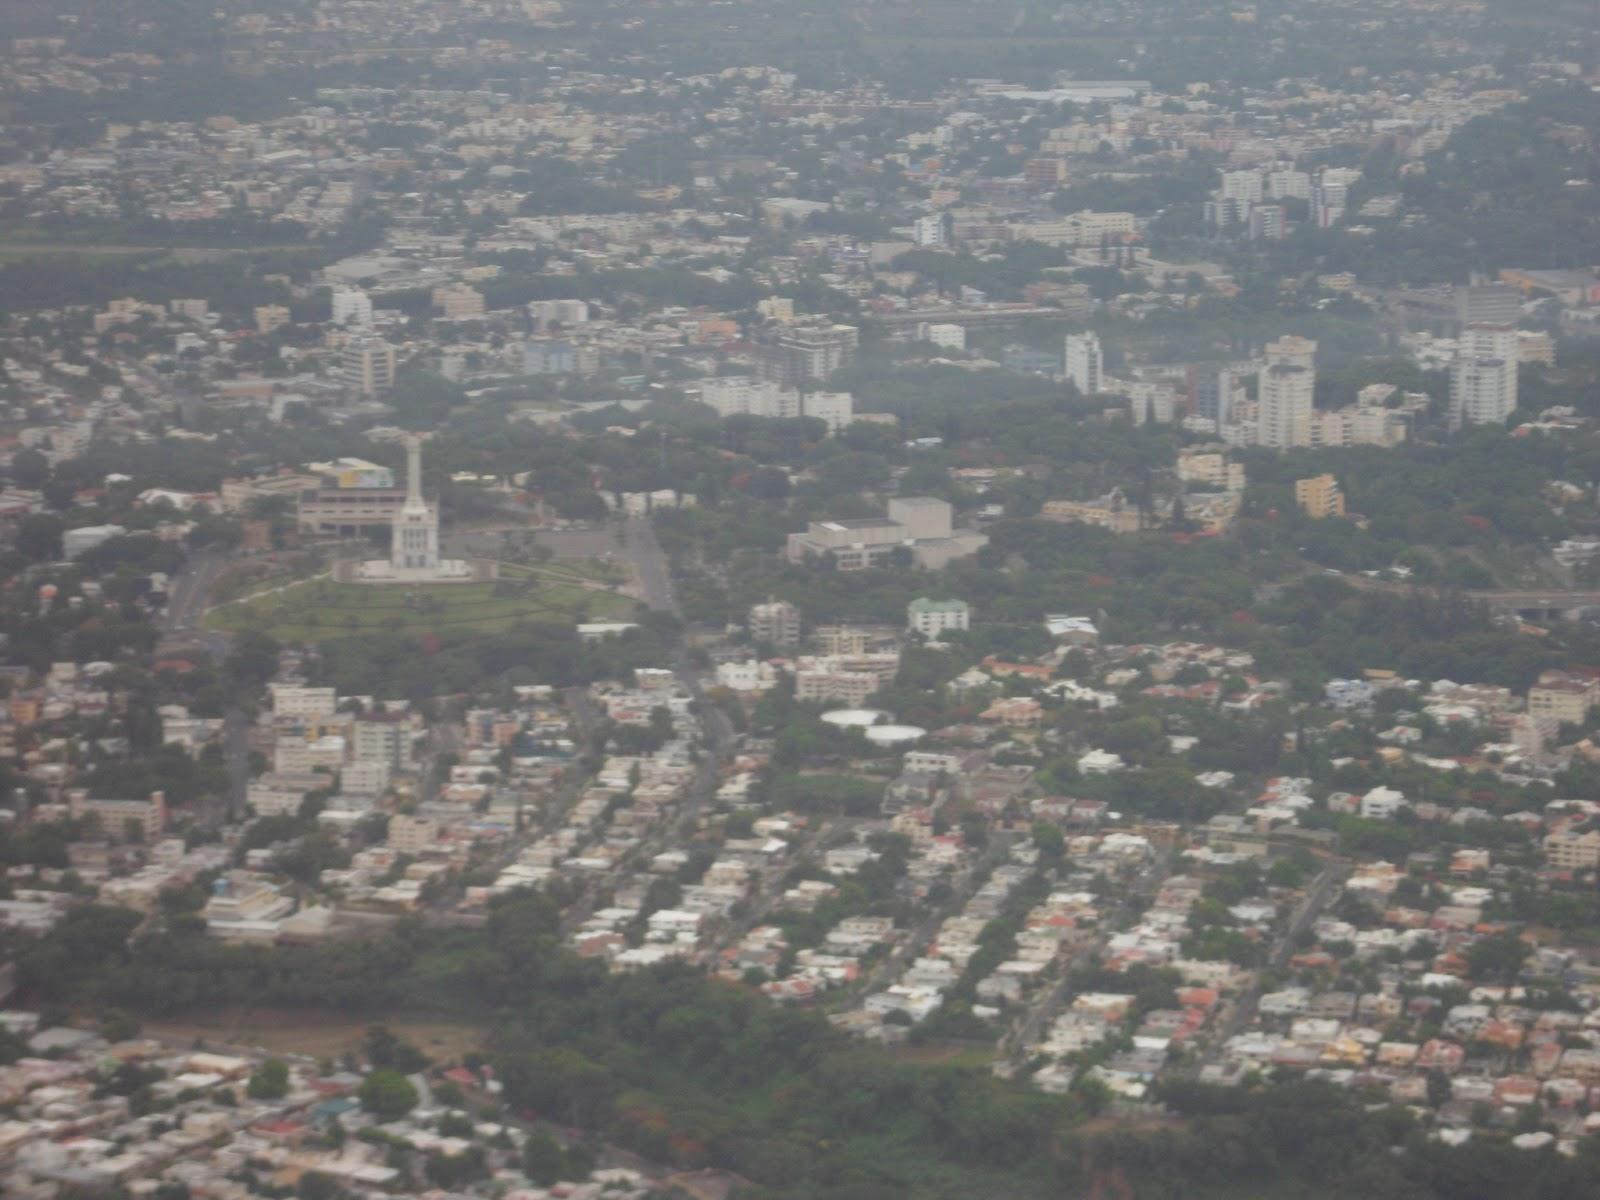 Vista aerea de Santiago